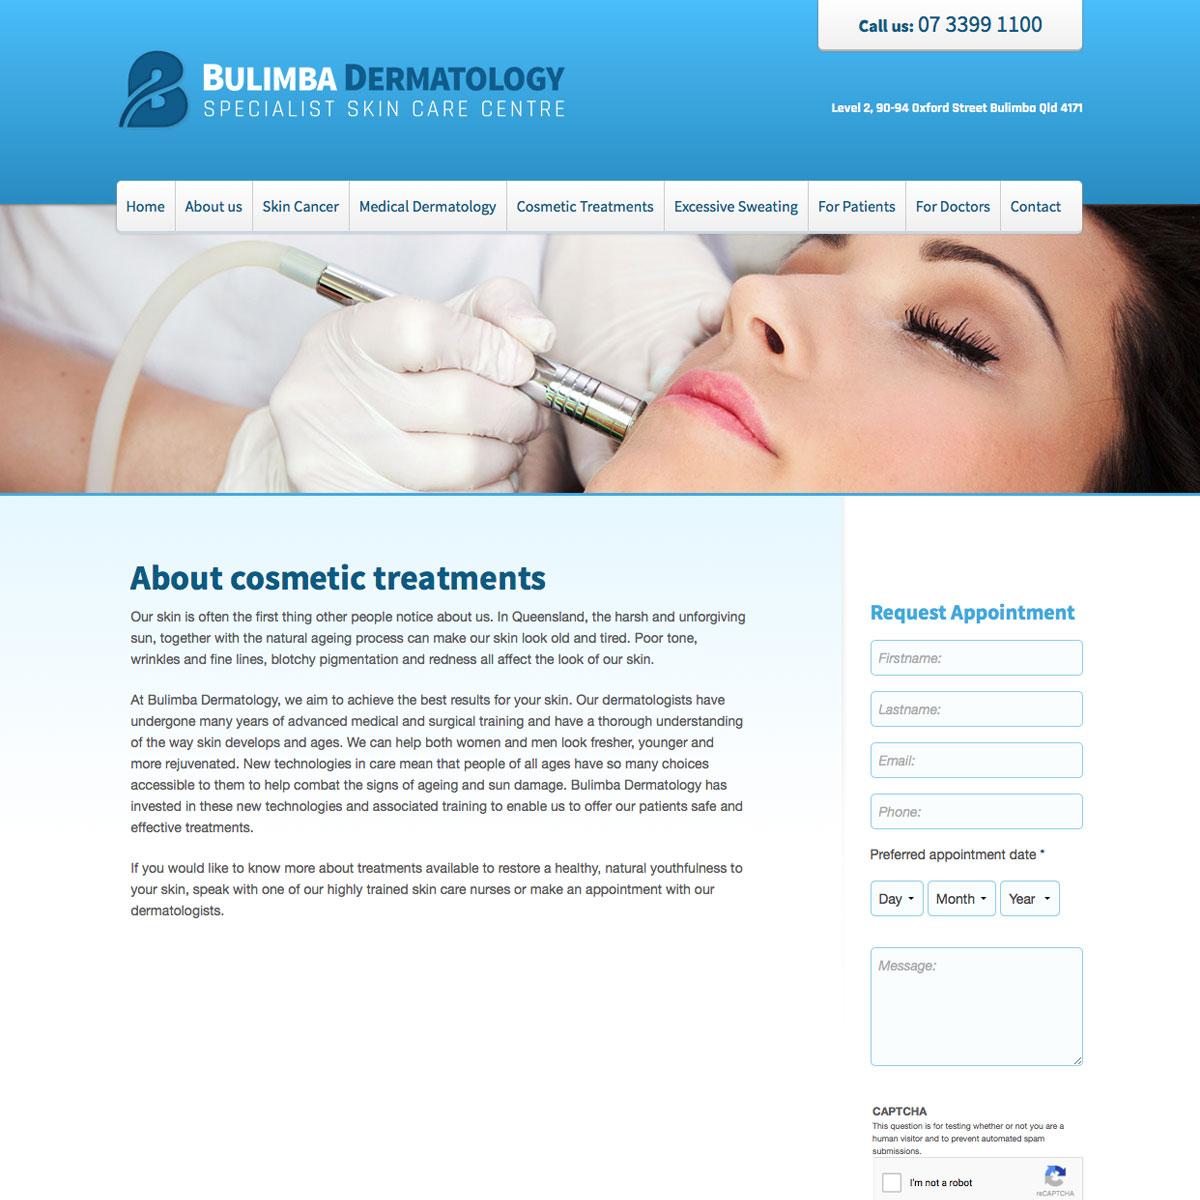 Bulimba Dermatology About Cosmetic Treatments